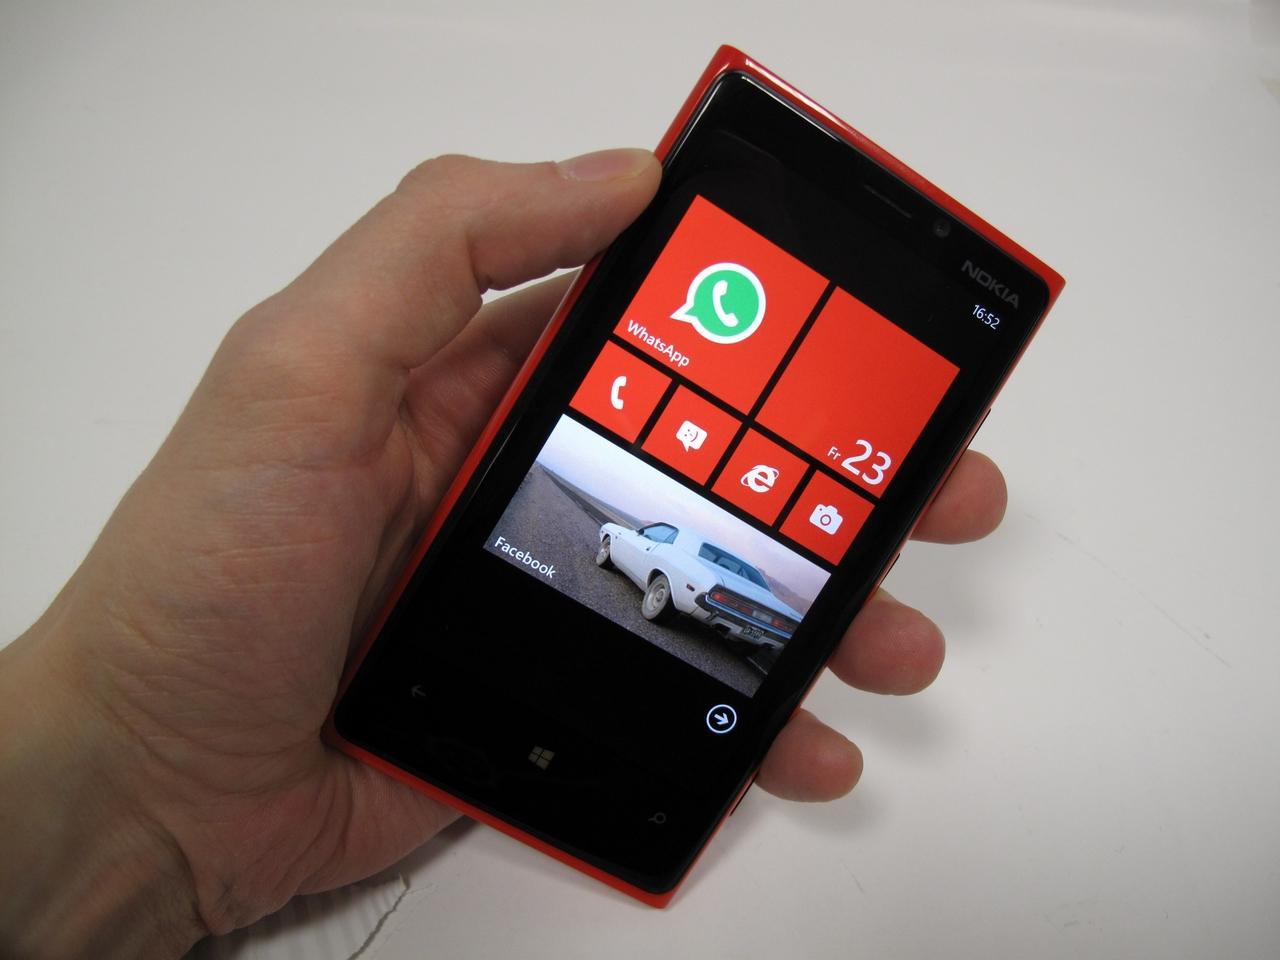 Lumia 920 im Test: Das Nokia-Smartphone mit Windows Phone 8